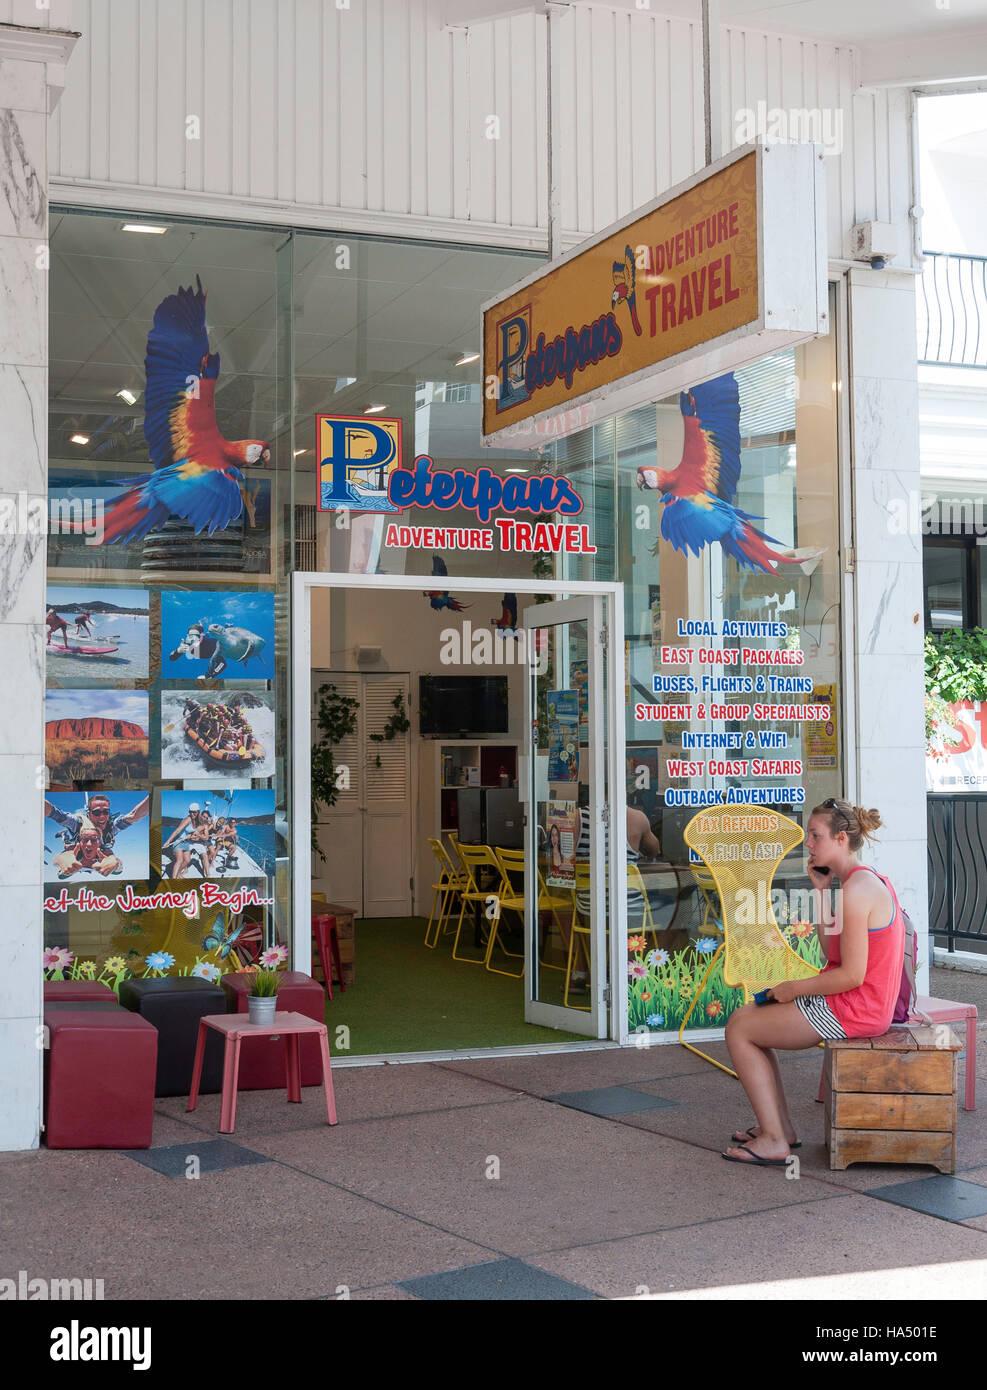 Avventura Peterpans Agente di Viaggio, Orchid Avenue, Surfers Paradise, Città di Gold Coast, Queensland, Australia Immagini Stock